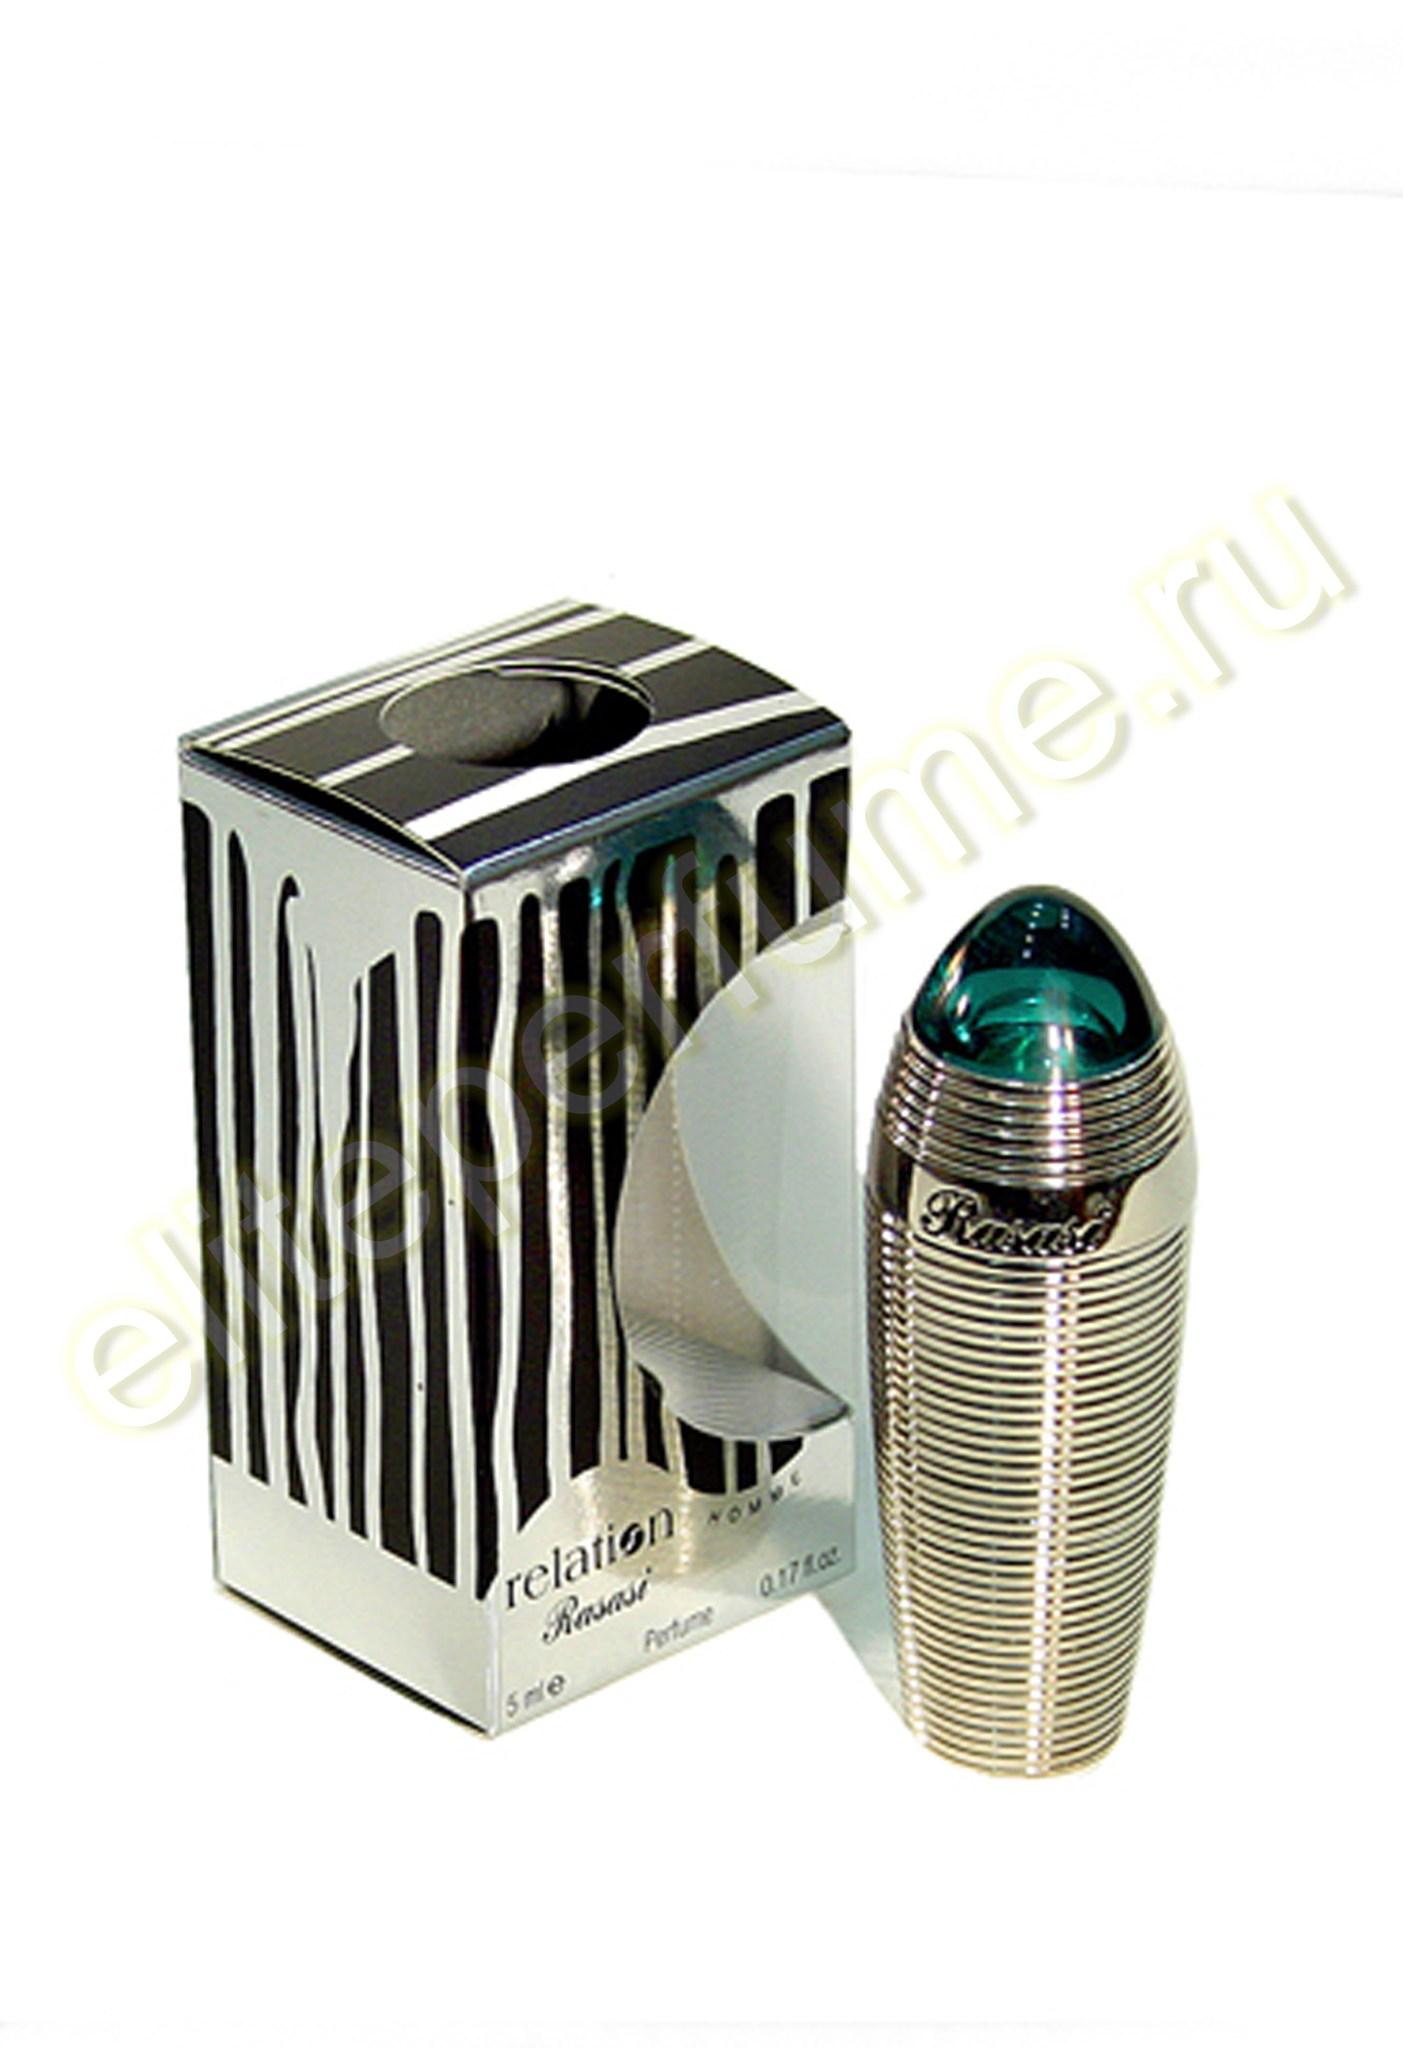 Отношения мужские Relation homme 5 мл арабские масляные духи от Расаси Rasasi Perfumes